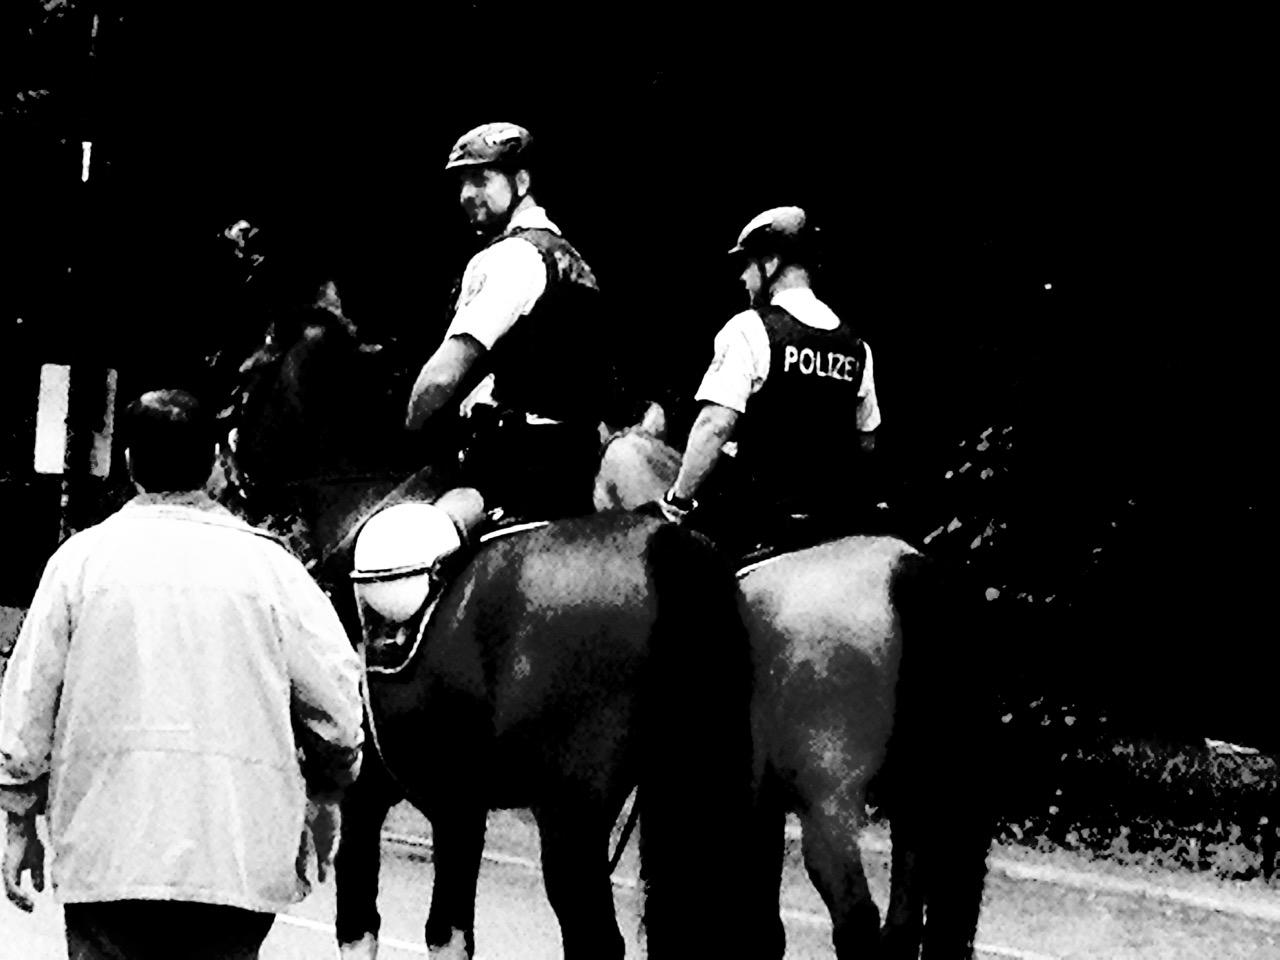 Patrouille Richtung Siegessäule - Berittene Polizisten begegnen einem Passanten (Foto: André Franke)